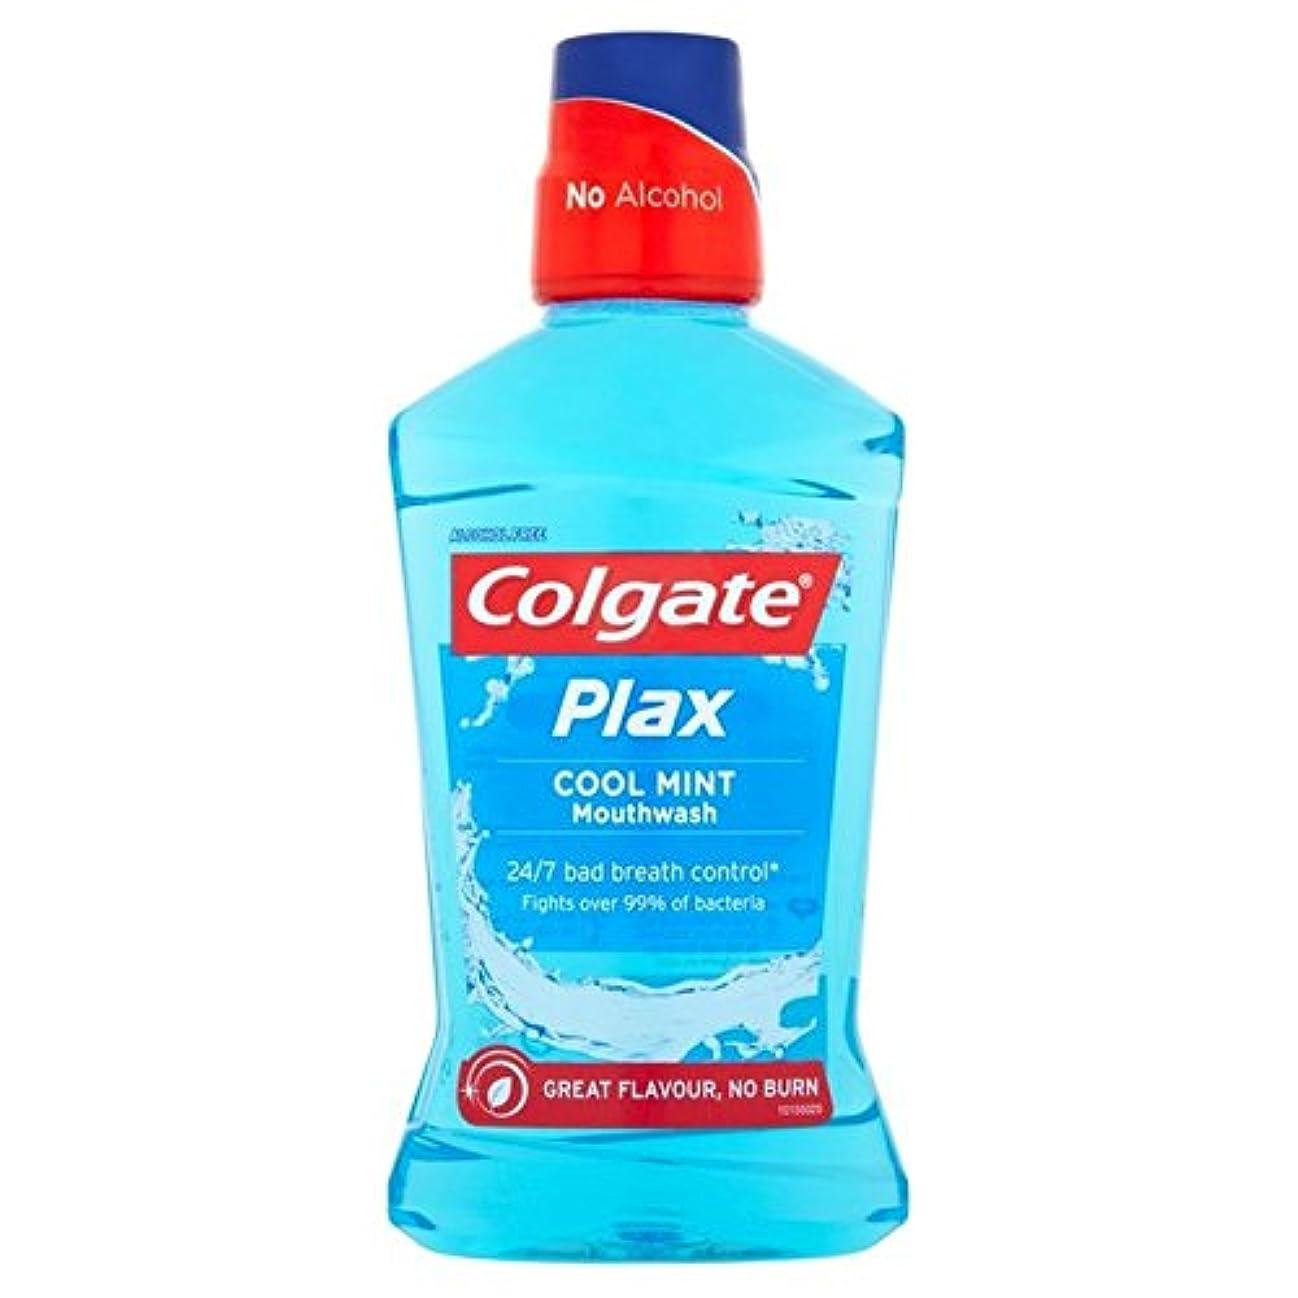 影響力のある半球存在コルゲートクールなブルーのマウスウォッシュ500ミリリットル x4 - Colgate Plax Cool Blue Mouthwash 500ml (Pack of 4) [並行輸入品]